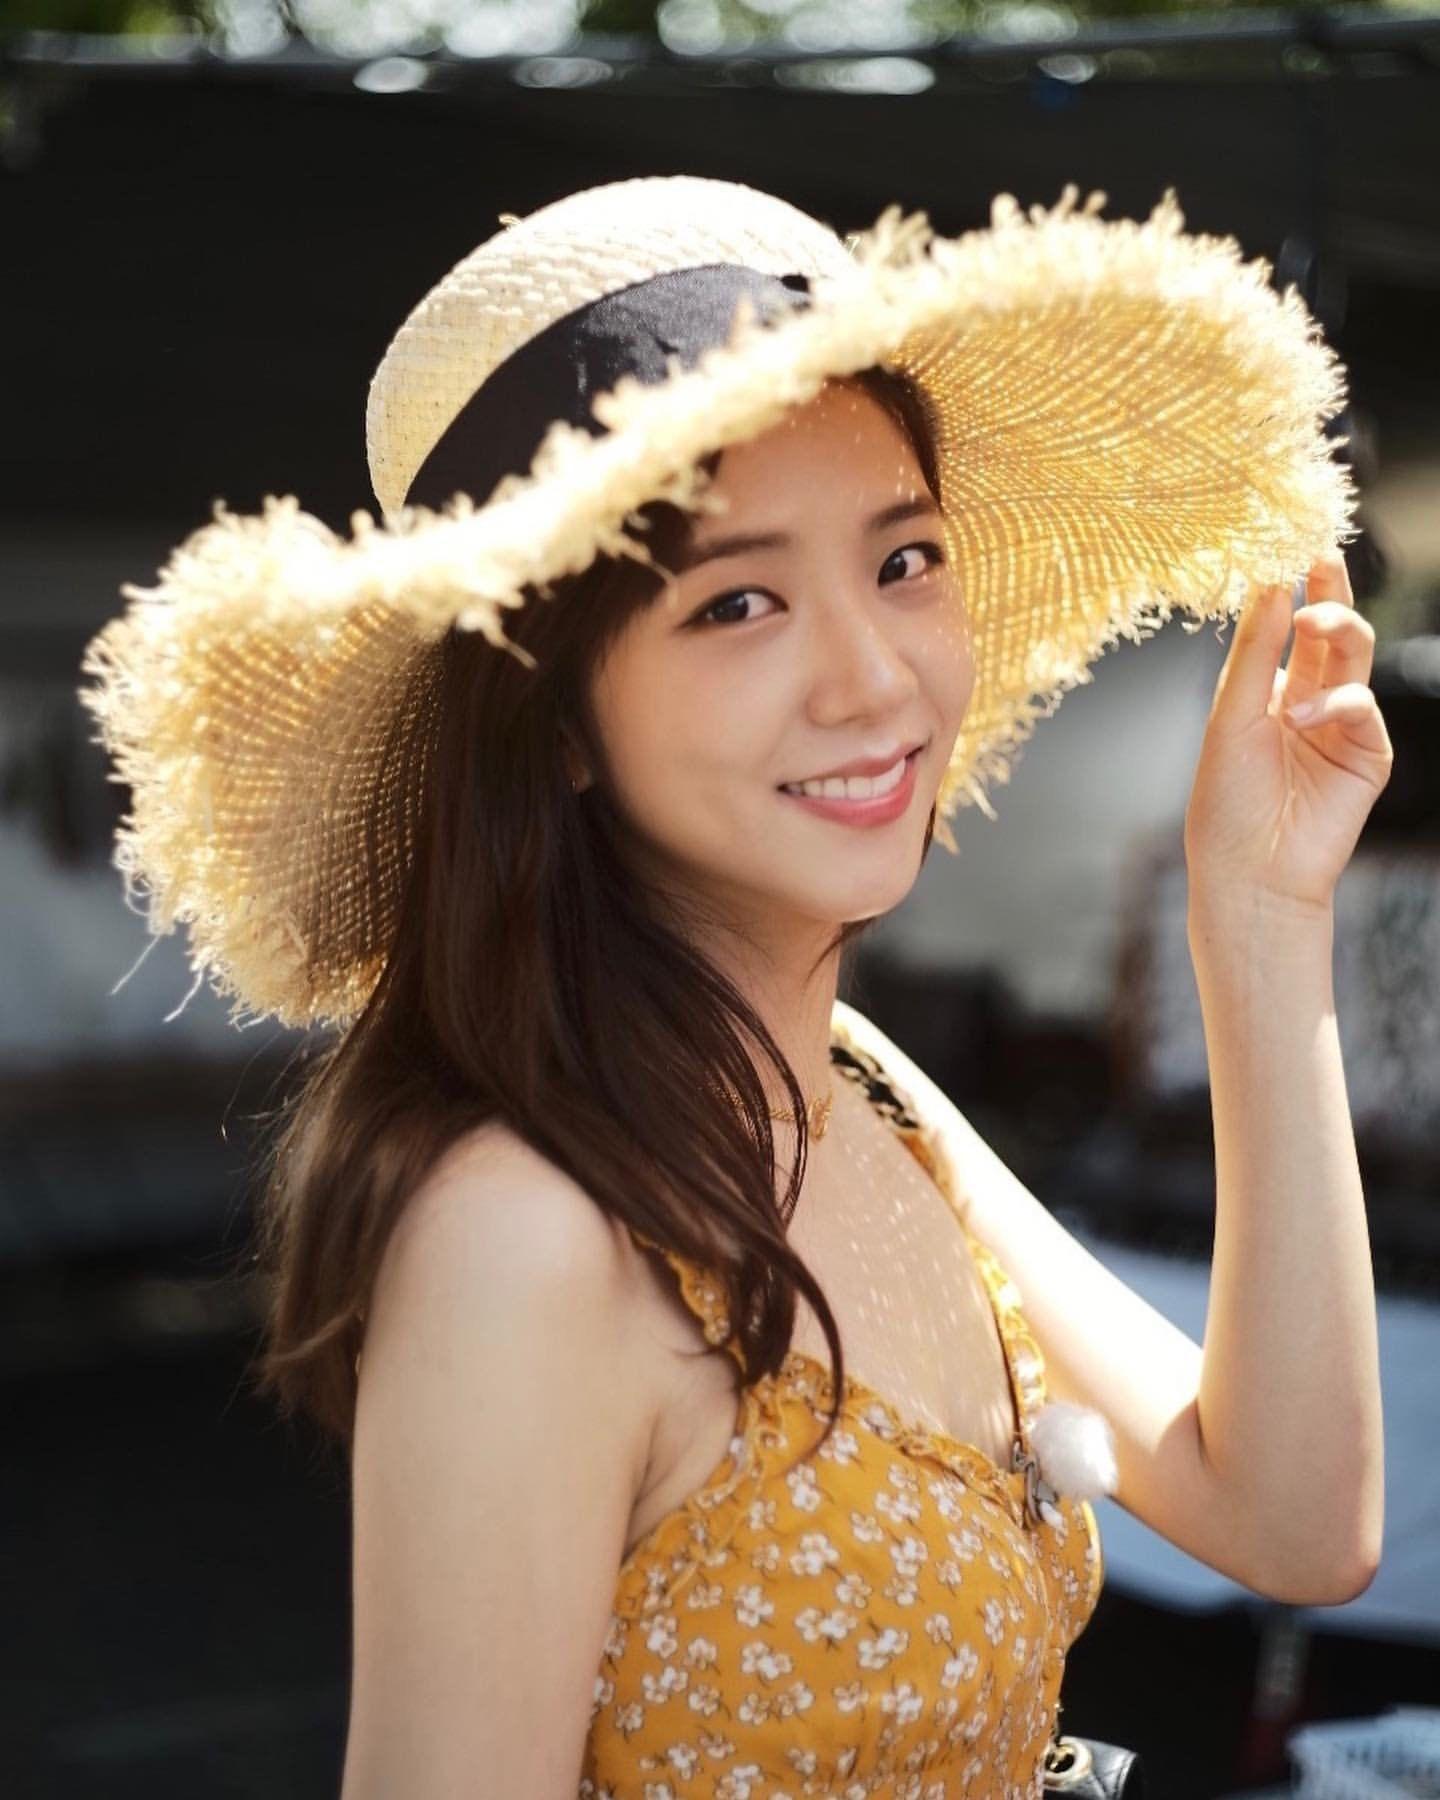 Ghim của Suzyy Bae trên Jisoo Kim | Nữ thần, Thời trang nữ, Dễ thương